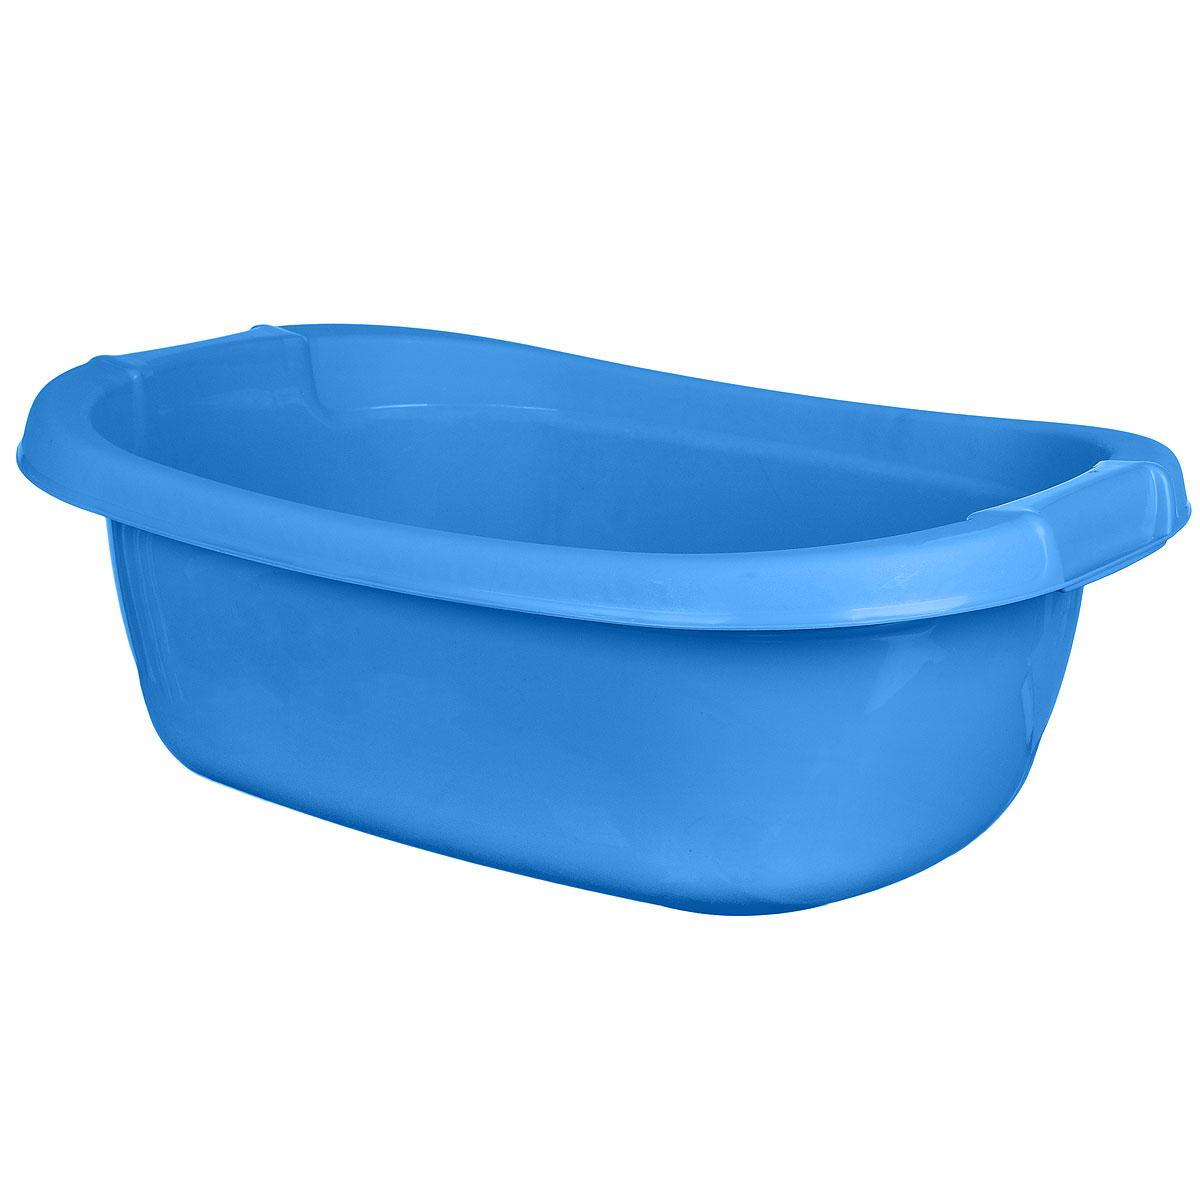 Таз овальный Dunya Plastik, цвет: голубой, 40 л5603 голубойОвальный таз Dunya Plastik выполнен из прочного пластика. Предназначен для стирки и хранения разных вещей. По бокам имеются углубления, которые обеспечивают удобный захват. Такой таз пригодится в любом хозяйстве.